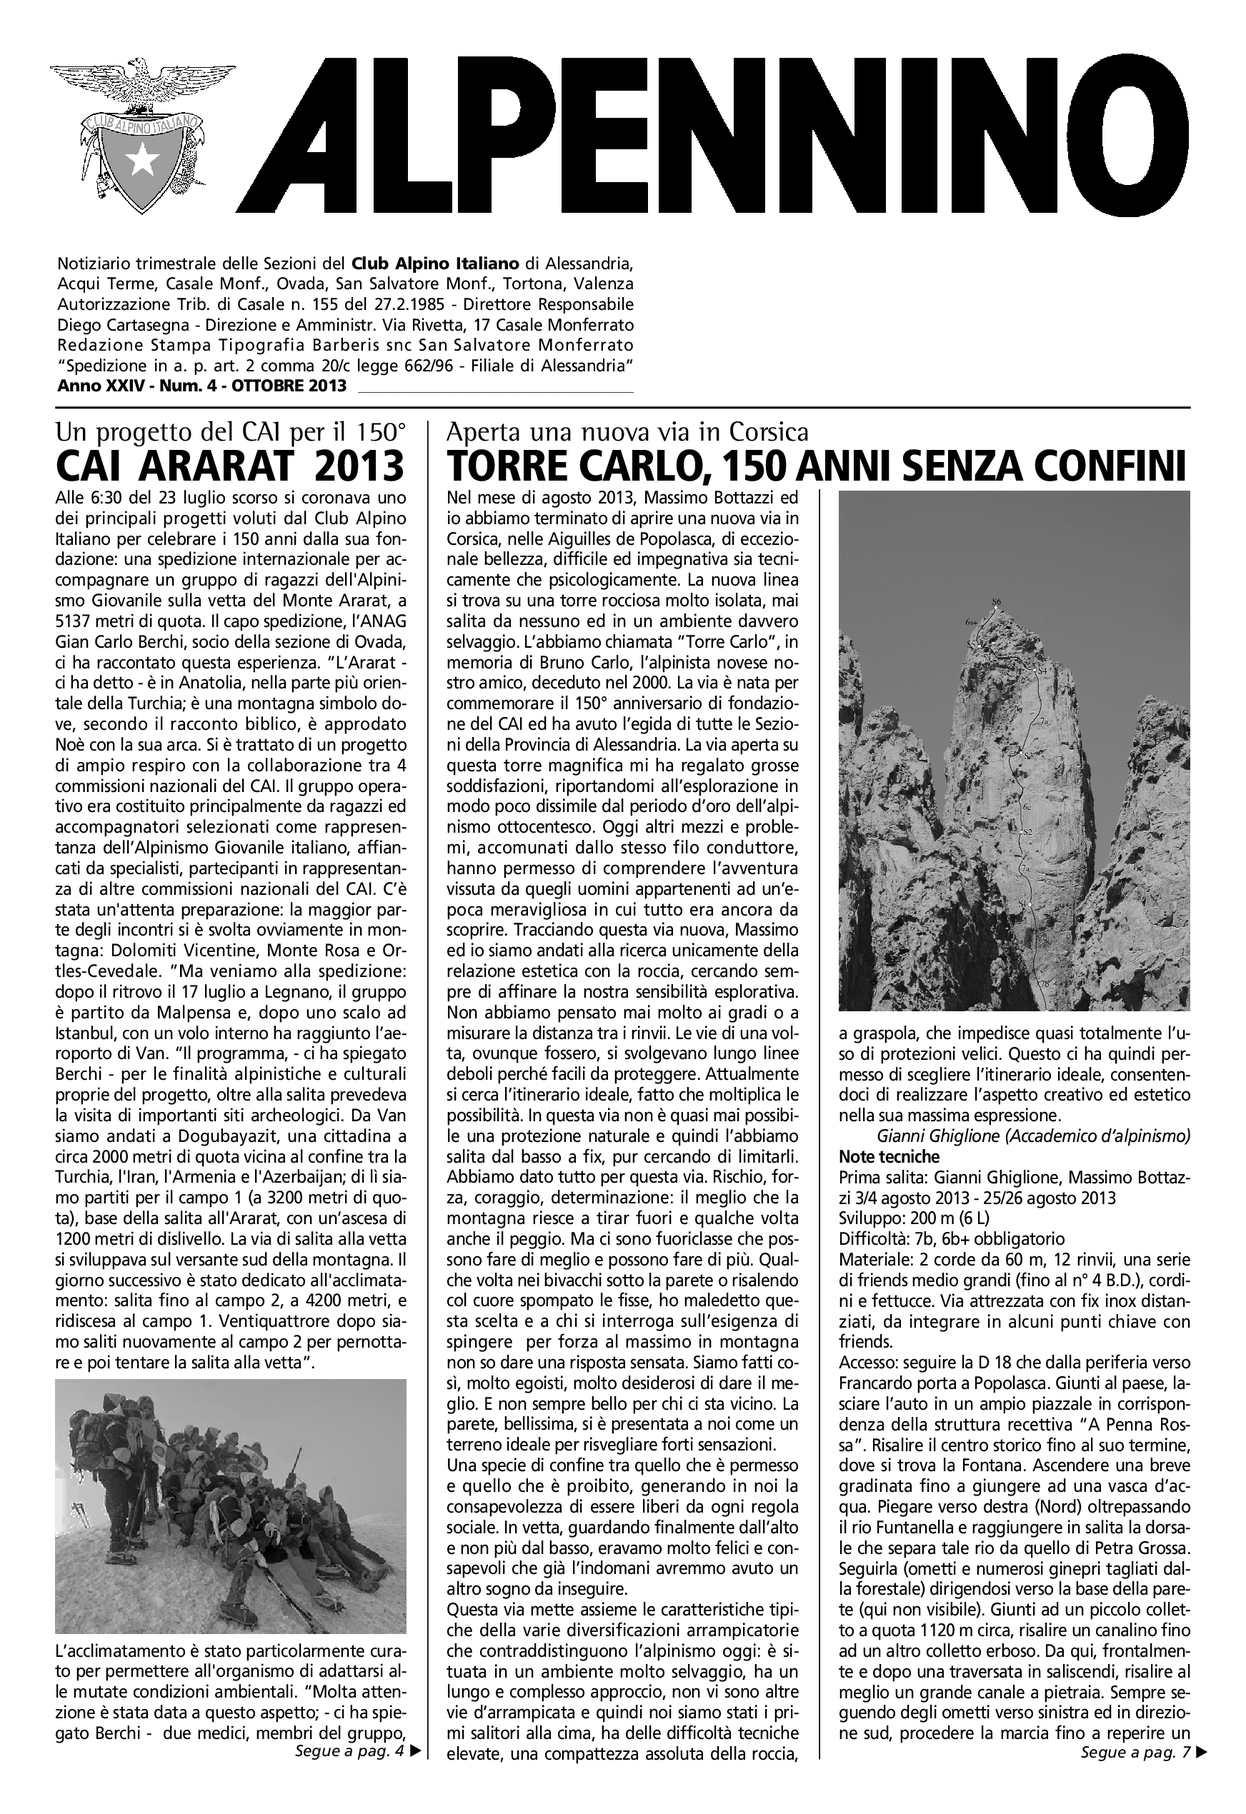 Calaméo - Alpennino 01 2014 2f9e5a06007b